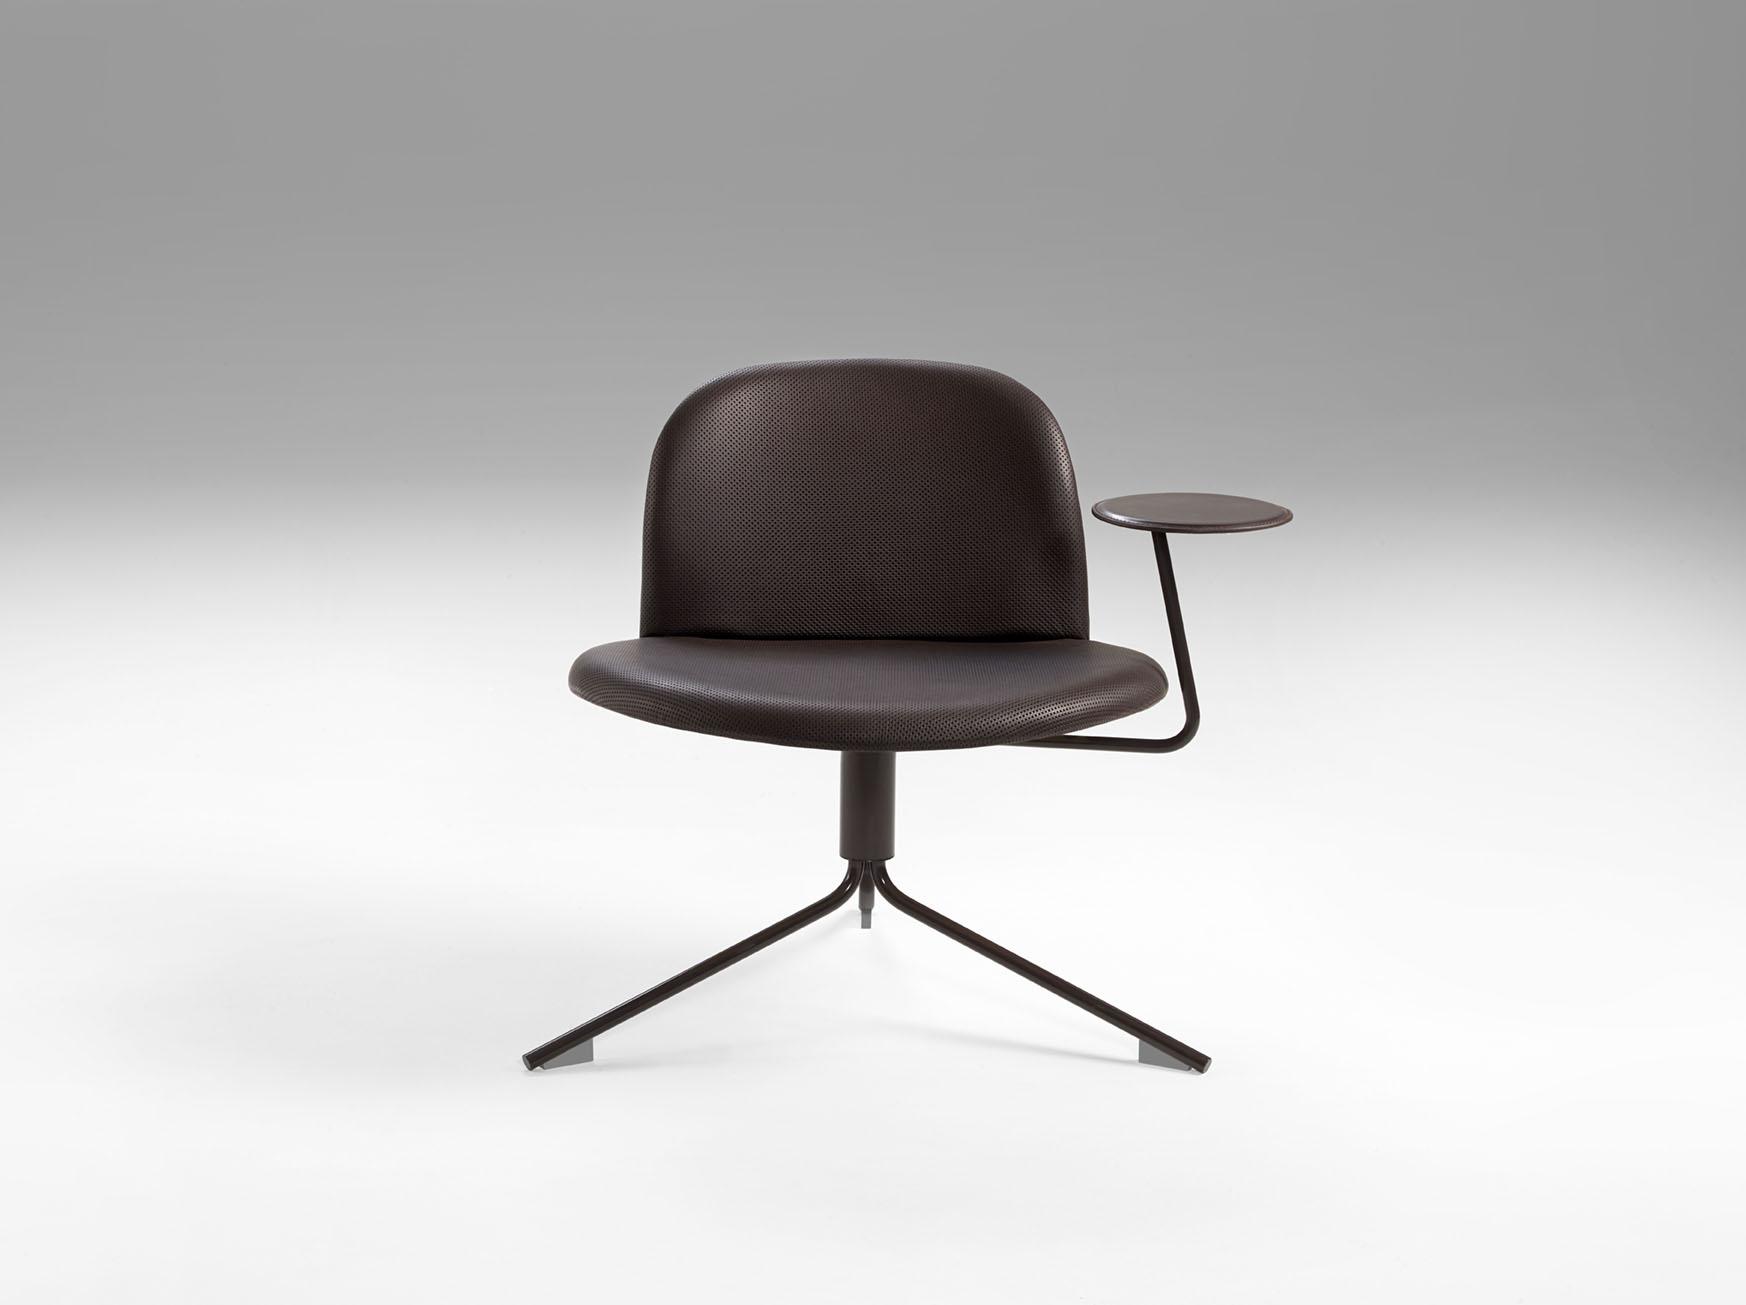 revolving easy chair herman miller mirra 3rings red dot winner satellite by richard hutten for